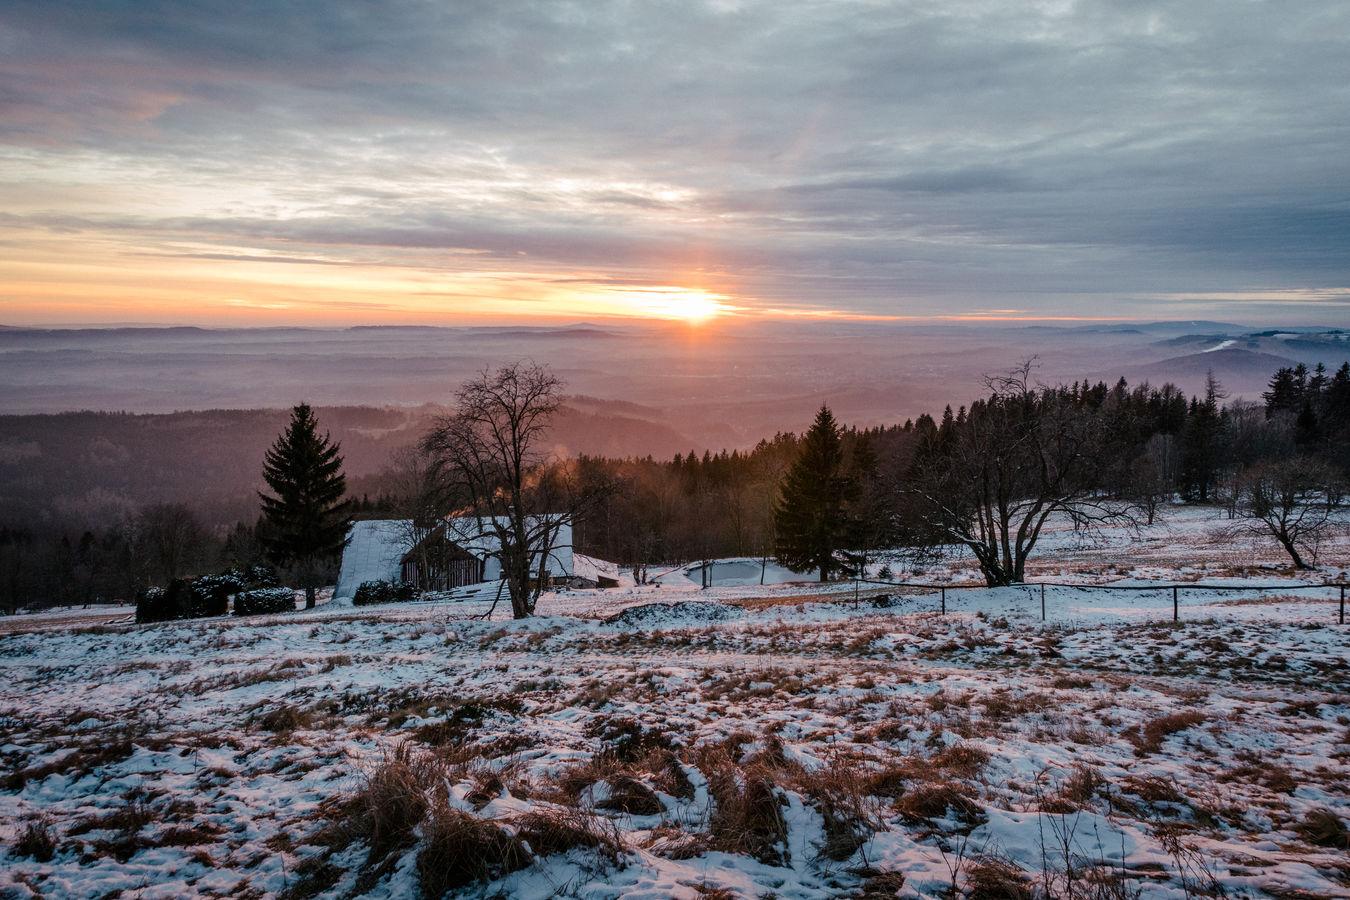 Vánoční pozdrav z Černé hory, Krkonoše